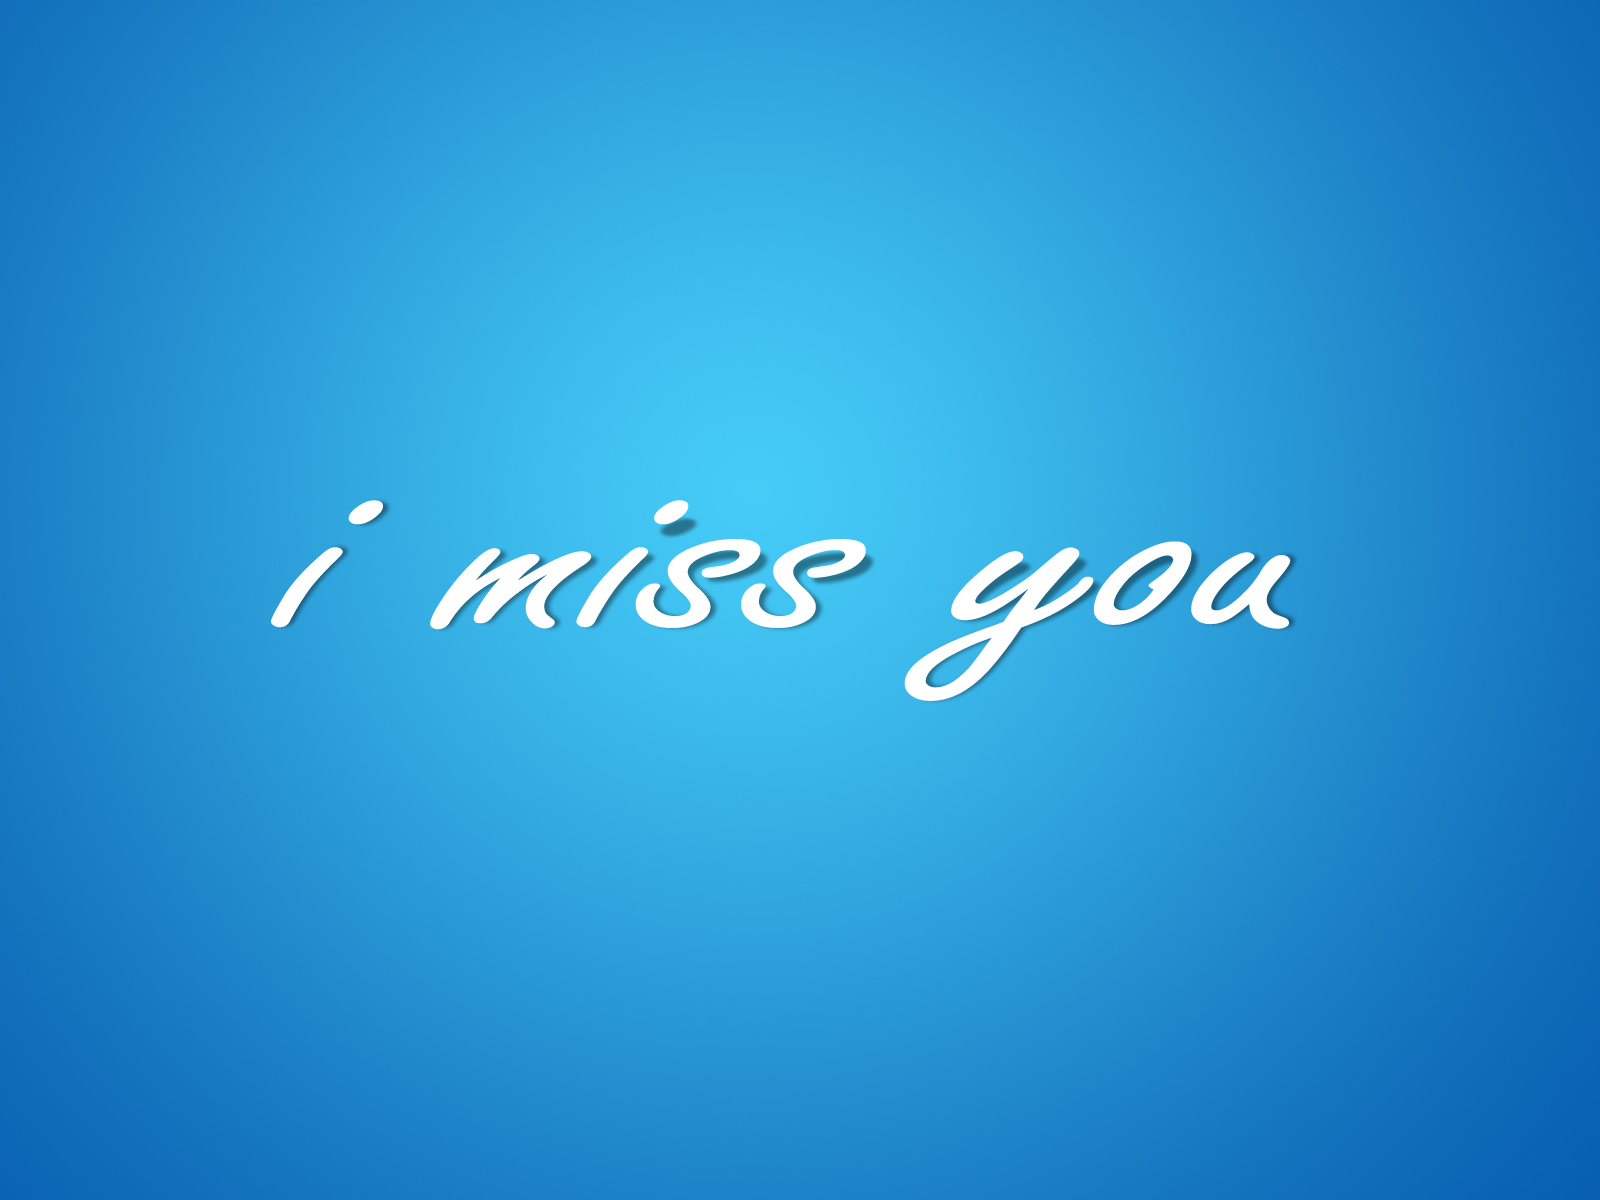 http://2.bp.blogspot.com/-6l_3N55jOu4/T-QjO0r19aI/AAAAAAAAAfQ/Z_1T63W1WMk/s1600/I+Miss+You+Love+Wallpaper.jpg